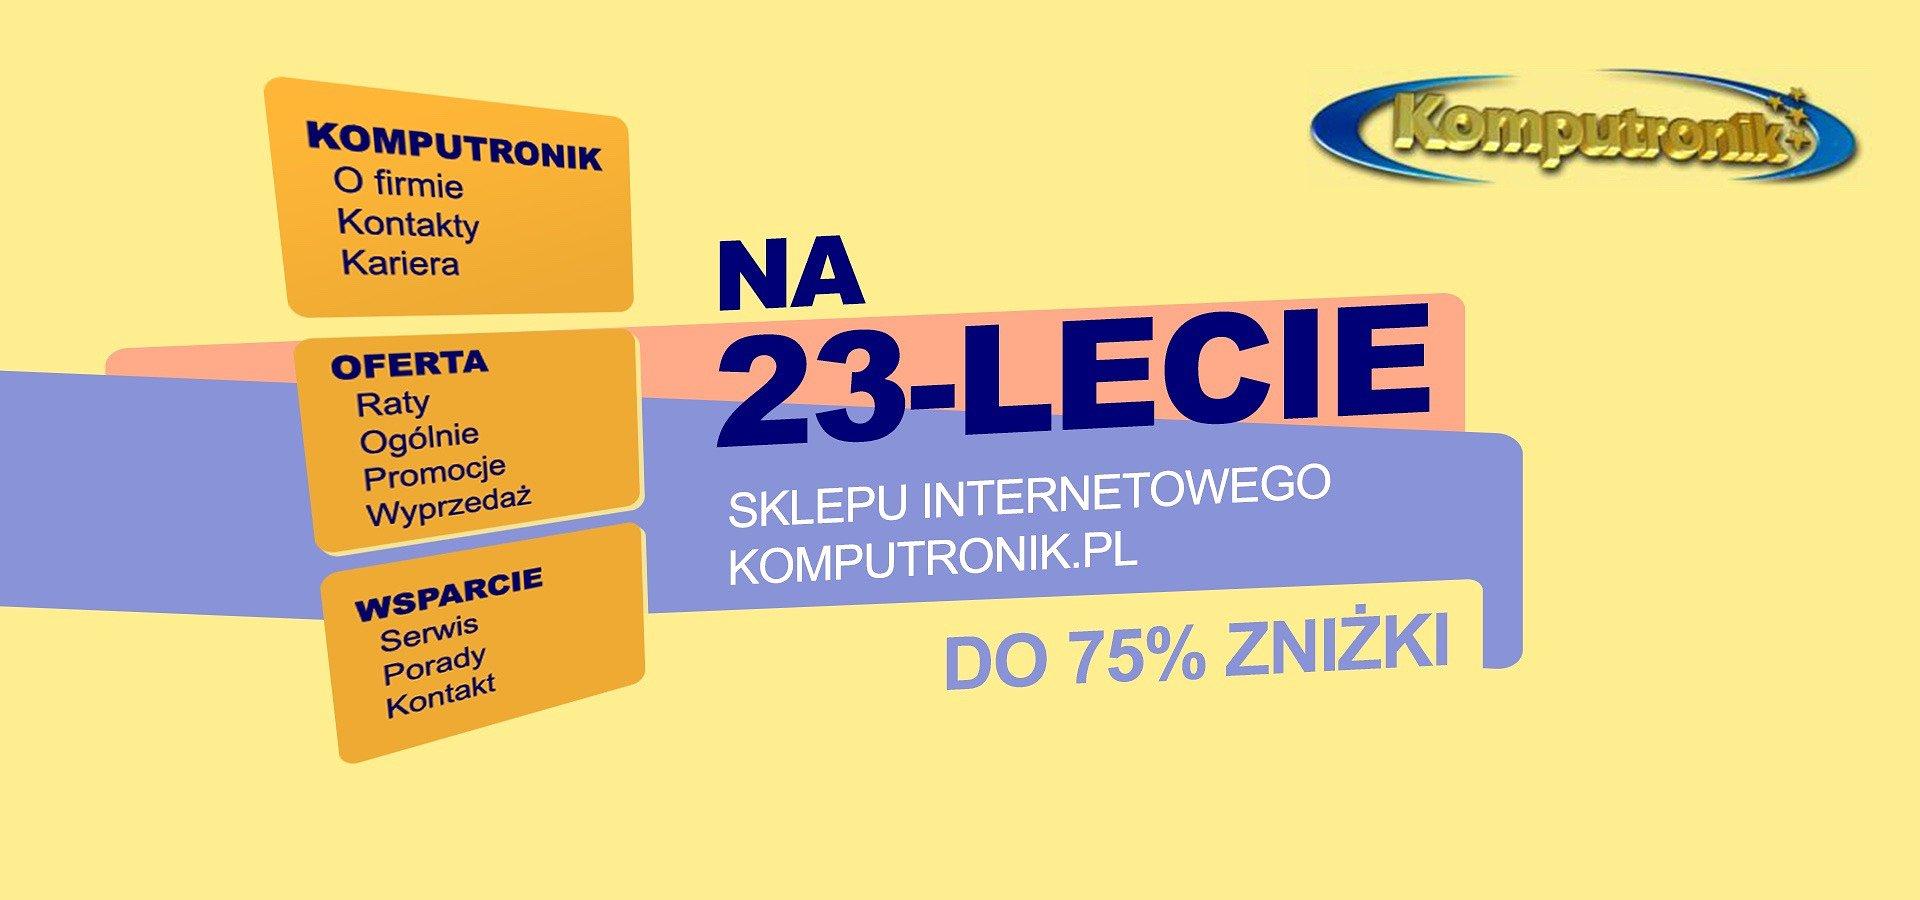 23-cie urodziny najstarszego e-commercu w Polsce. Okazje do -75%!